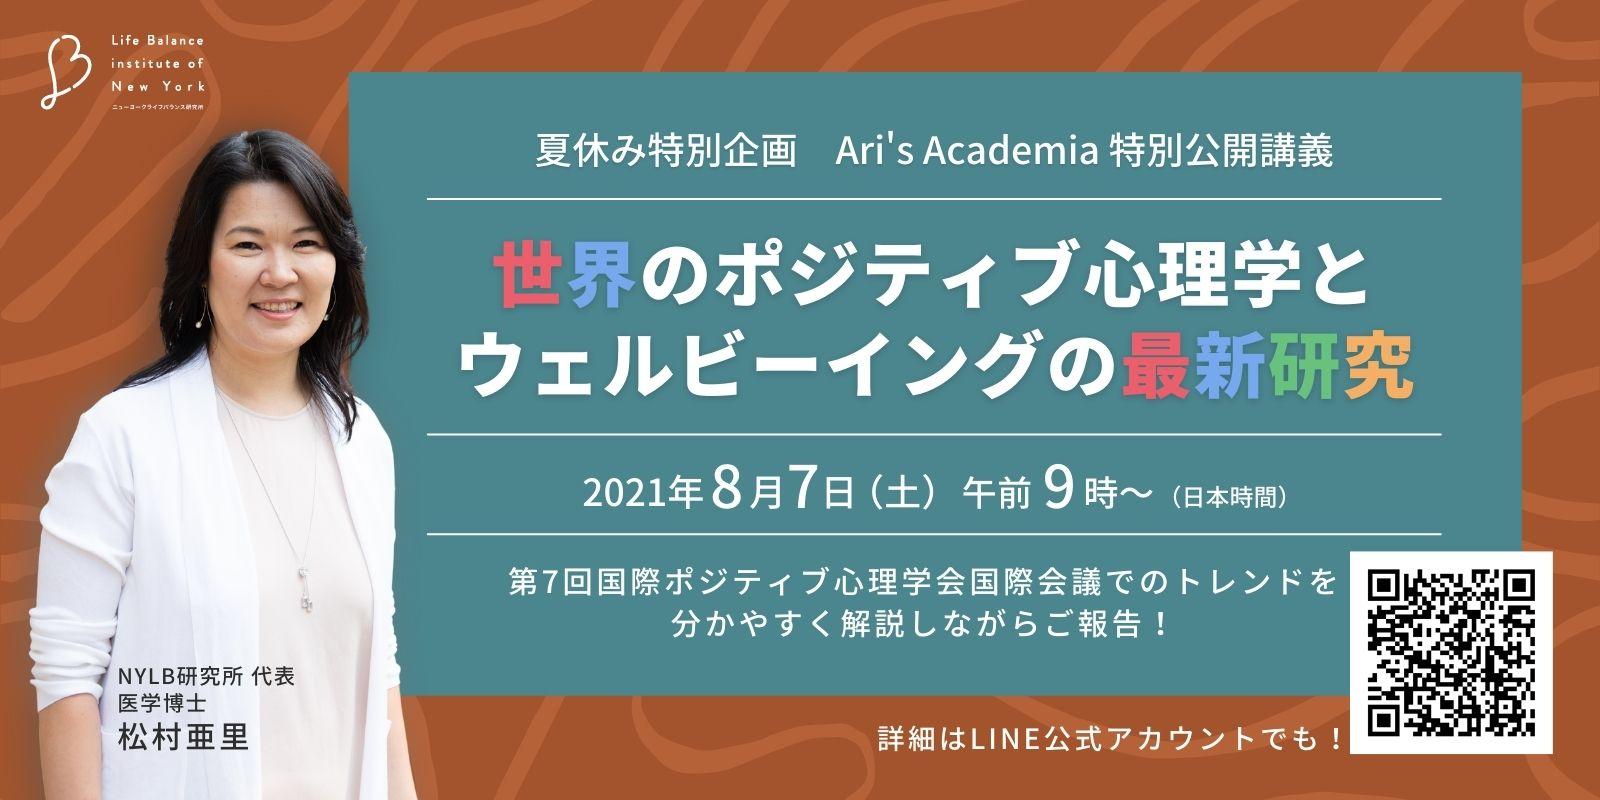 夏休み特別企画Ari's Academia特別公開講義 第7回国際ポジティブ心理学会国際会議 報告会